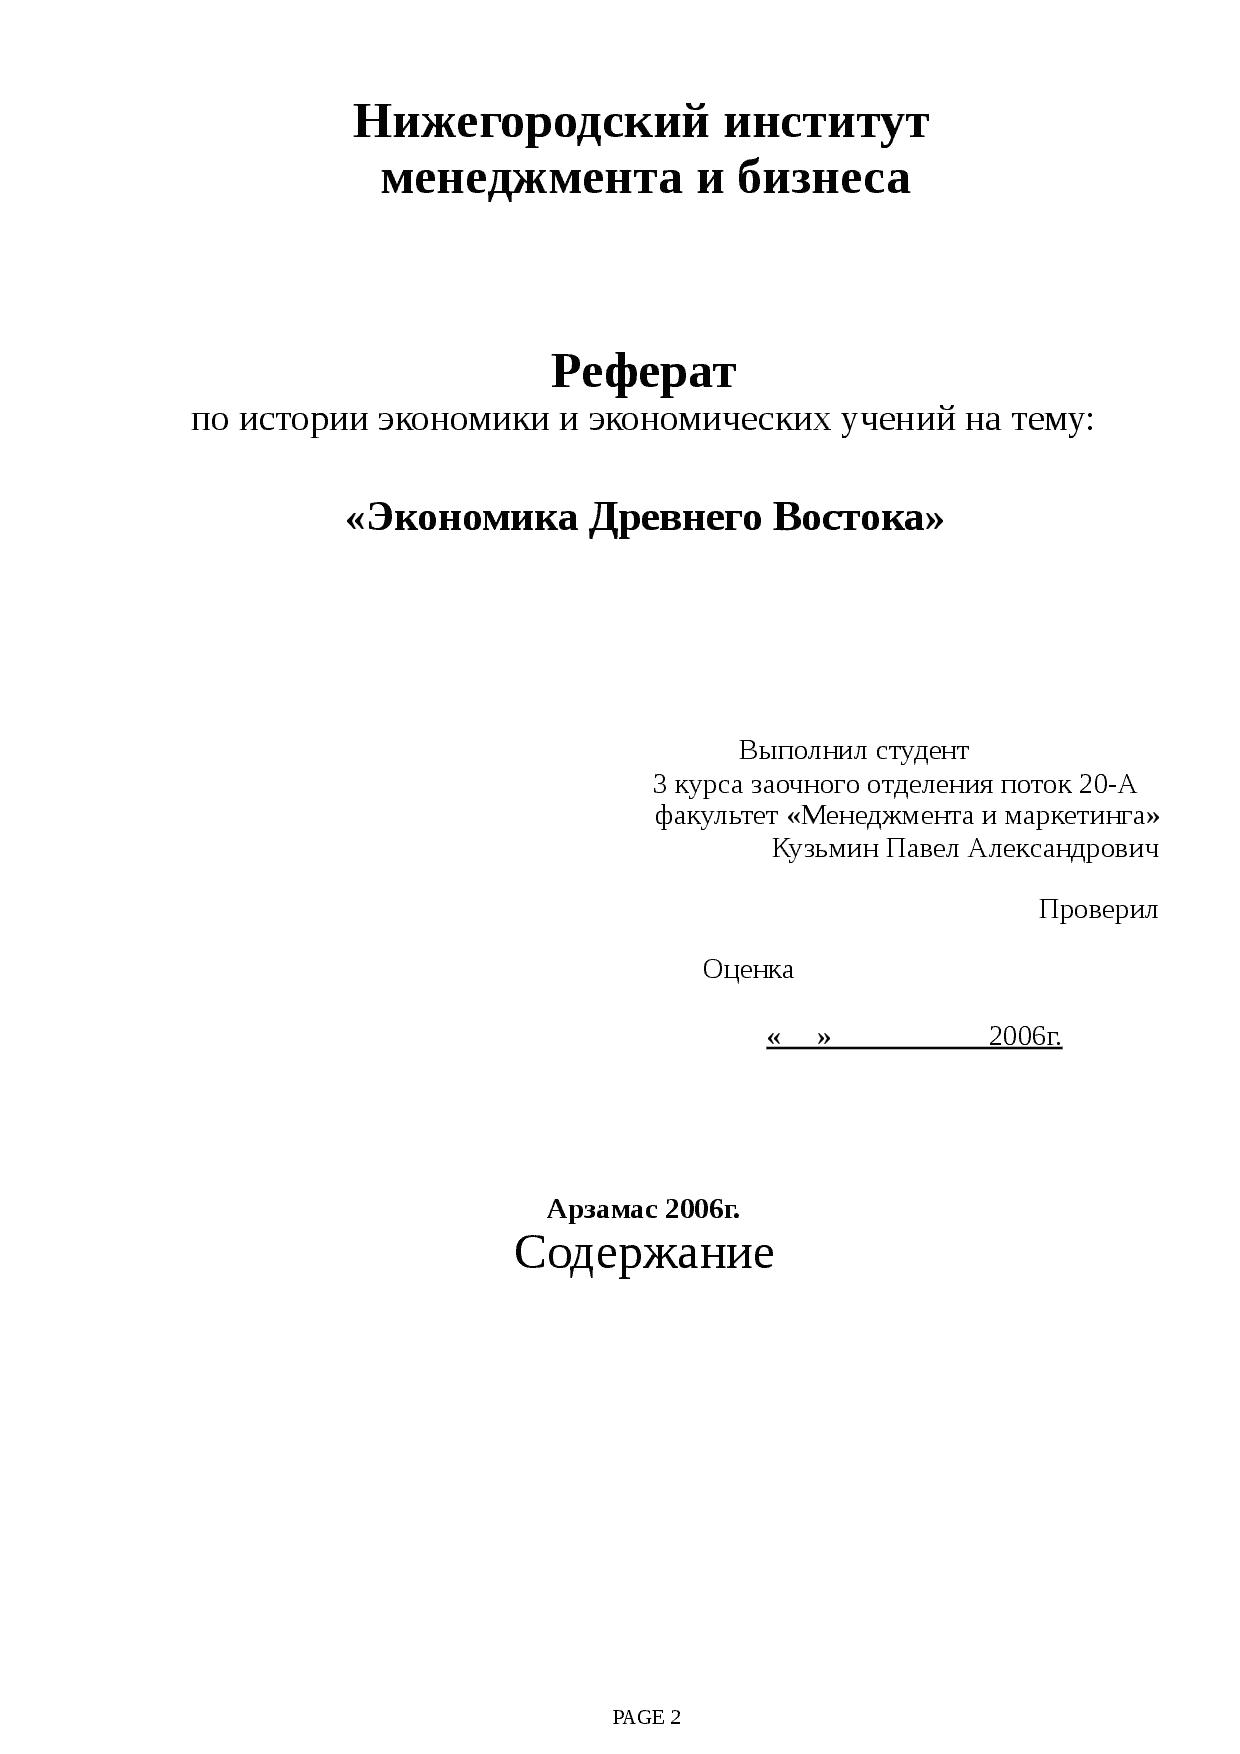 Практикум по обществознании к параграфу предпринимательское право решебник 11 класс